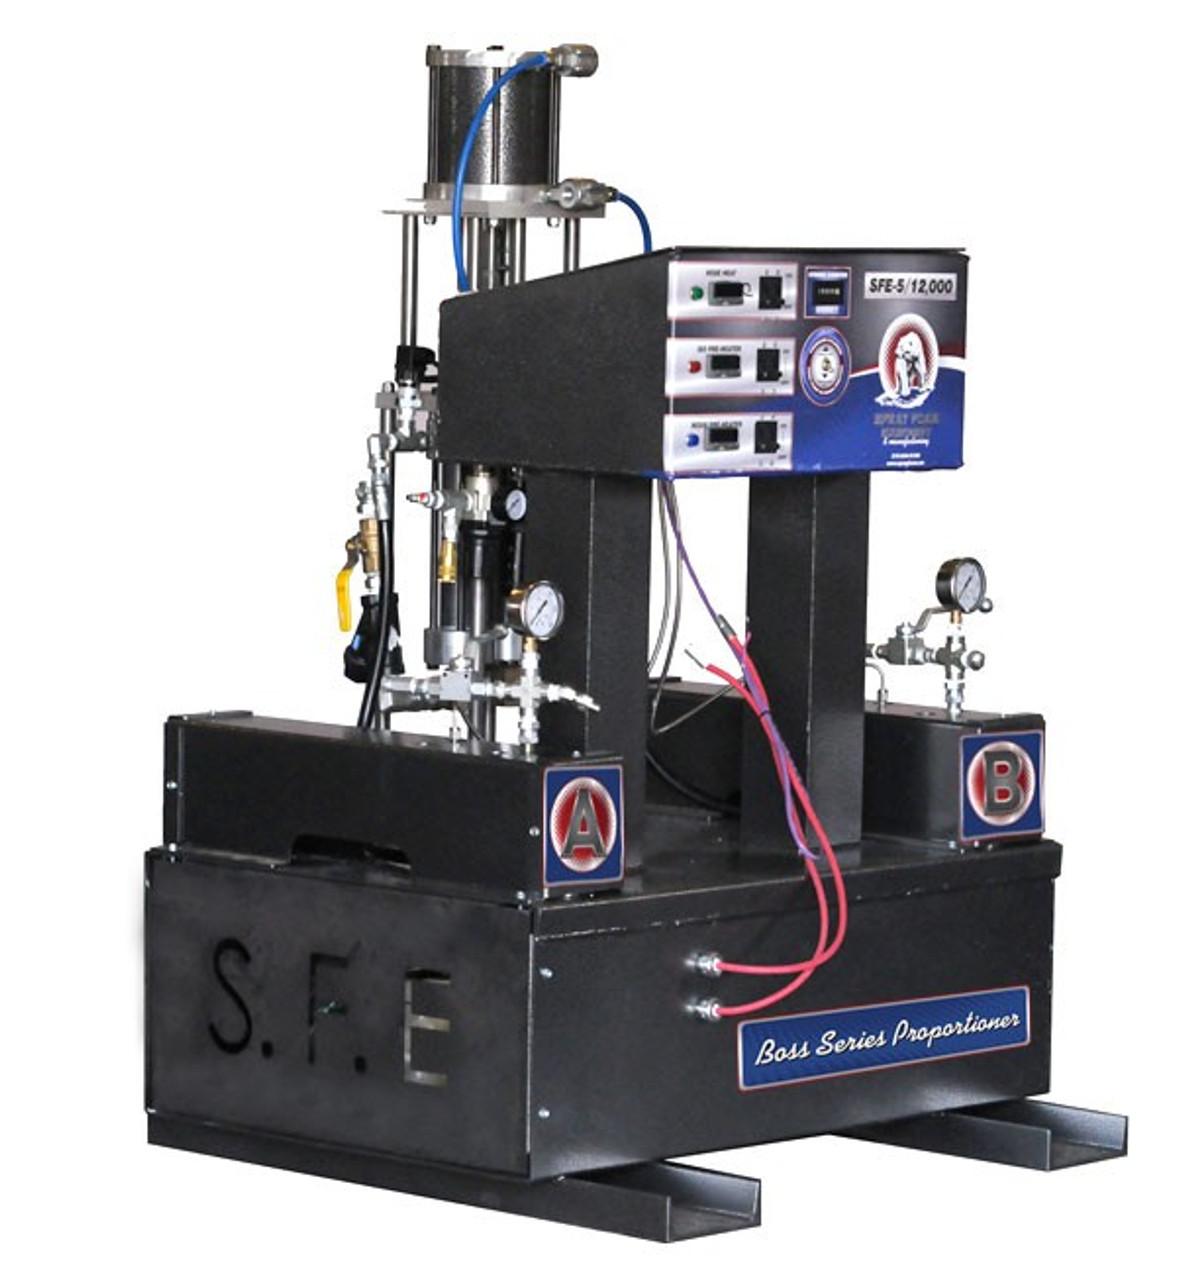 BOSS 6/6k Pneumatic Proportioner